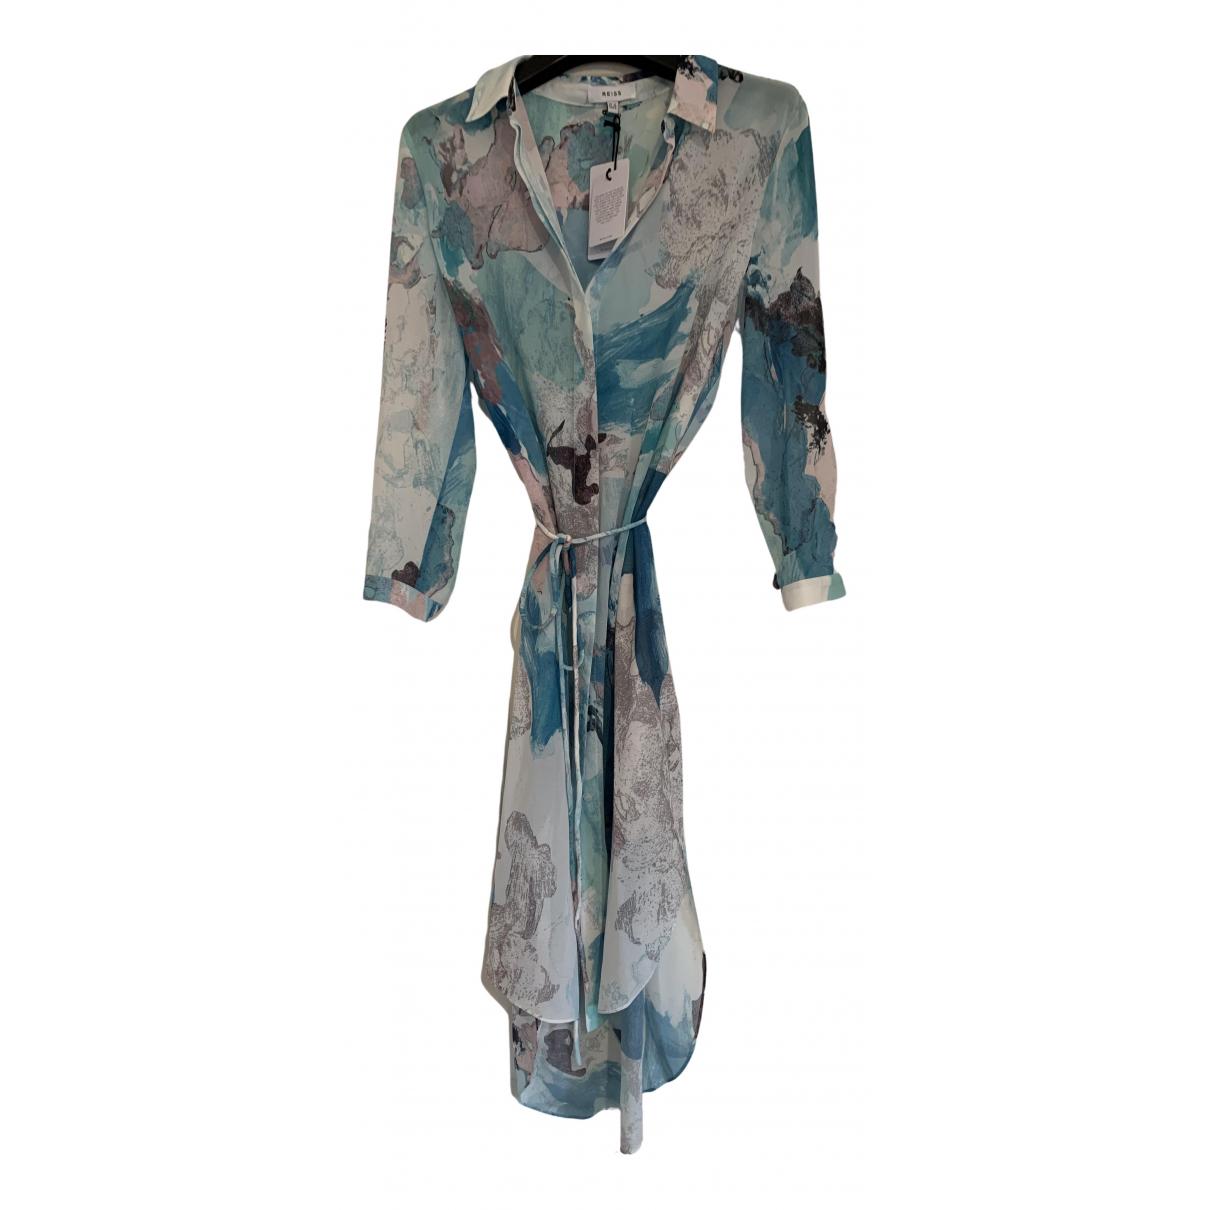 Reiss \N Kleid in  Bunt Polyester